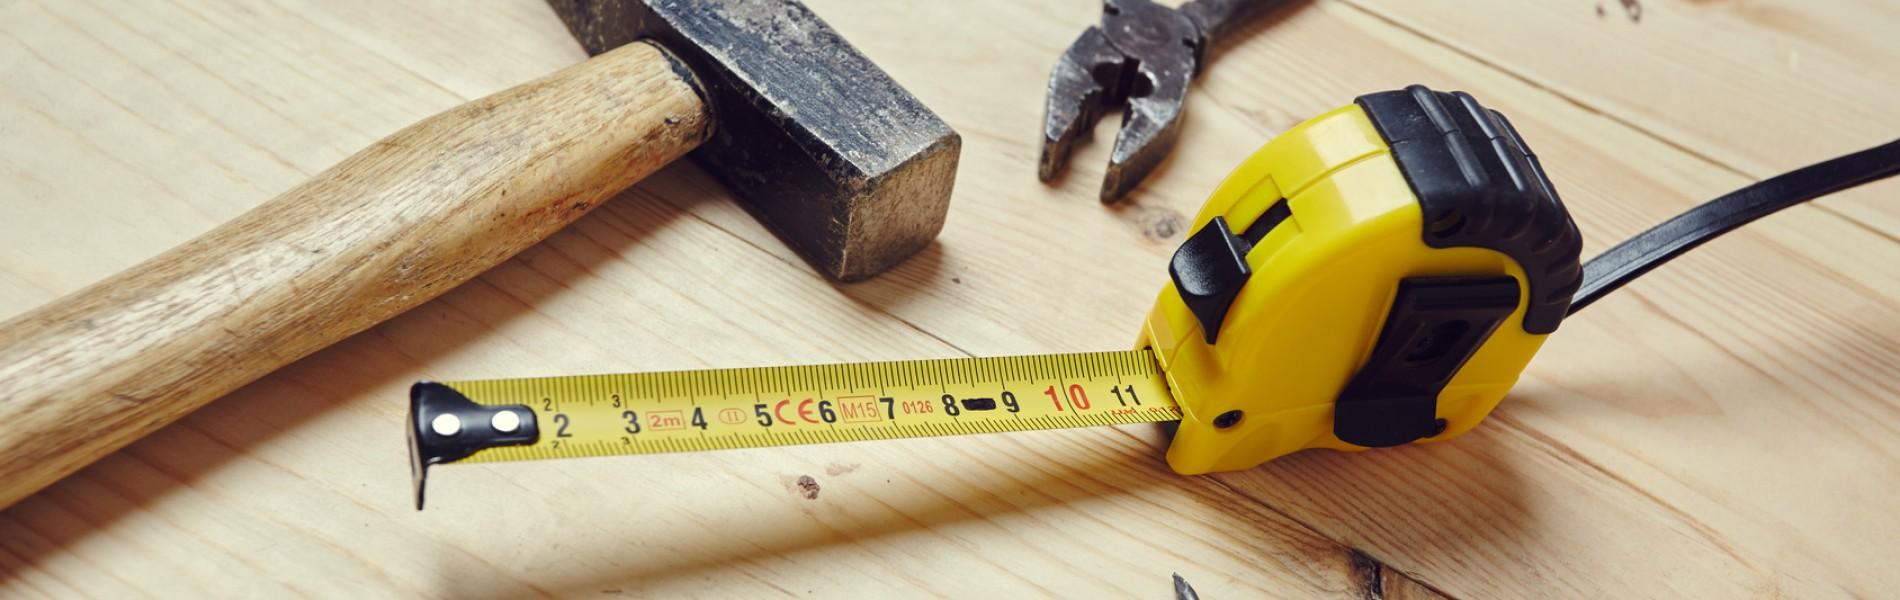 Les outils de bricolage à avoir chez vous